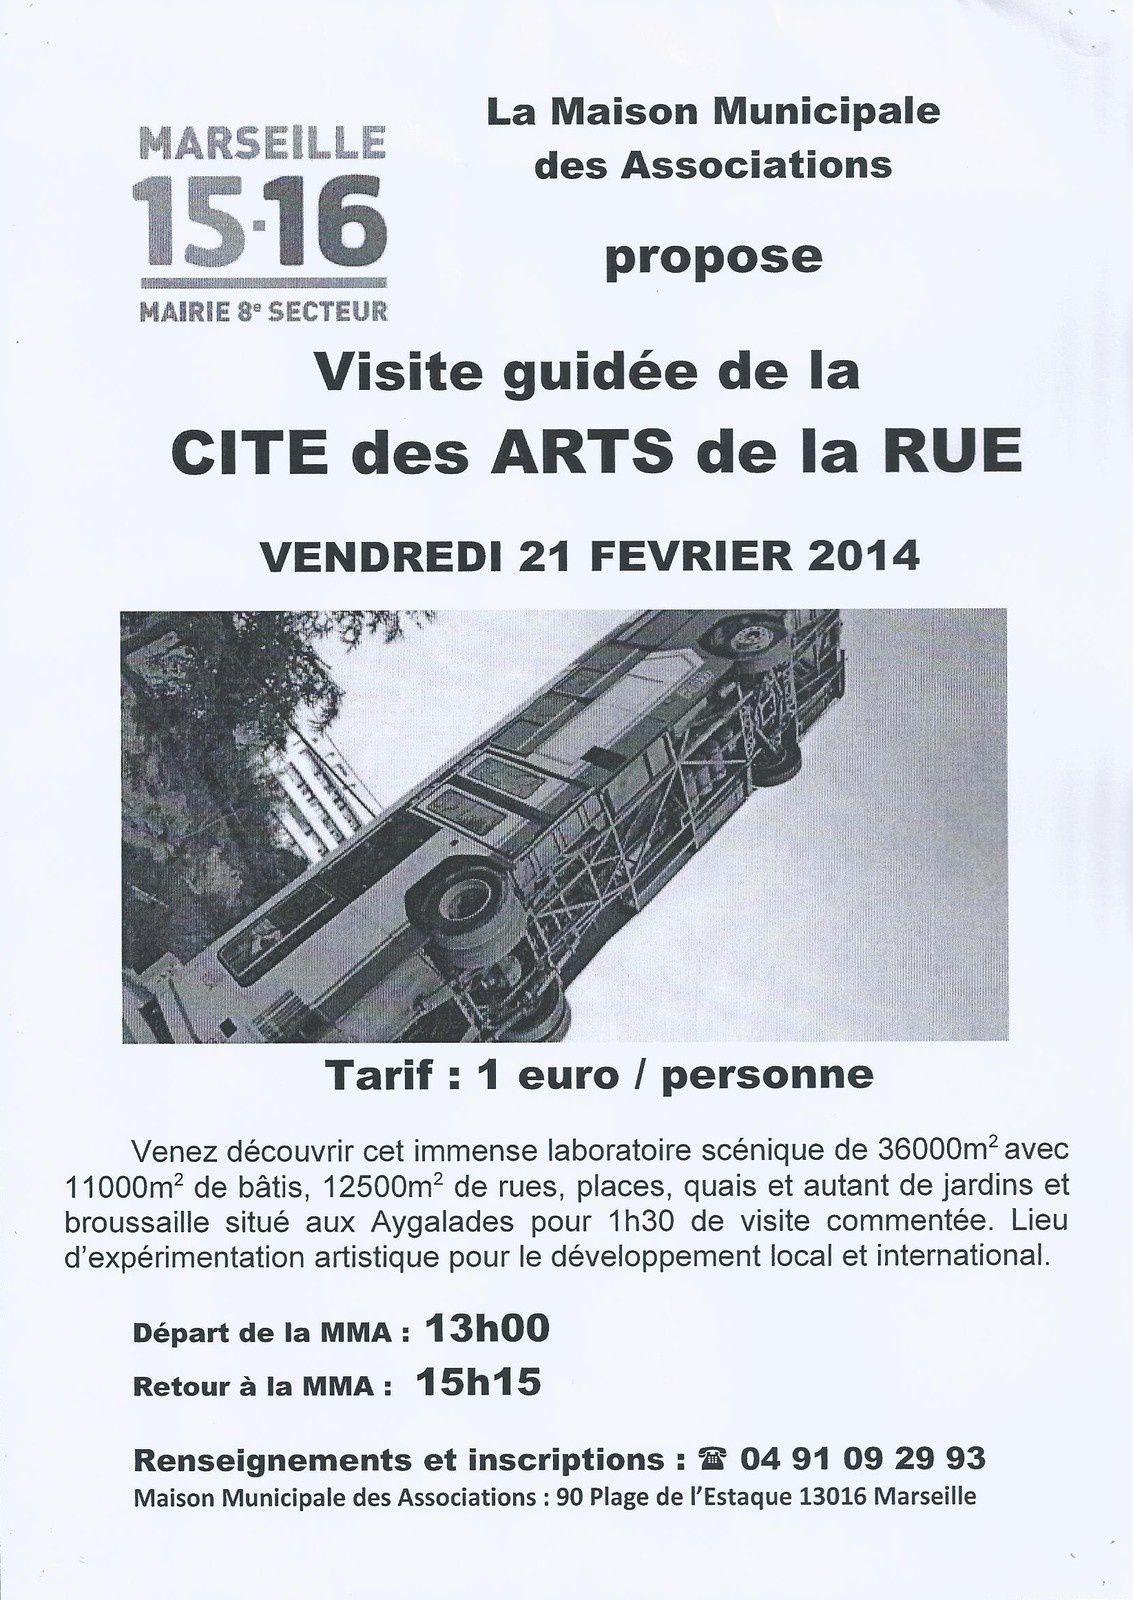 Visite guidée de la Cité Arts de la Rue